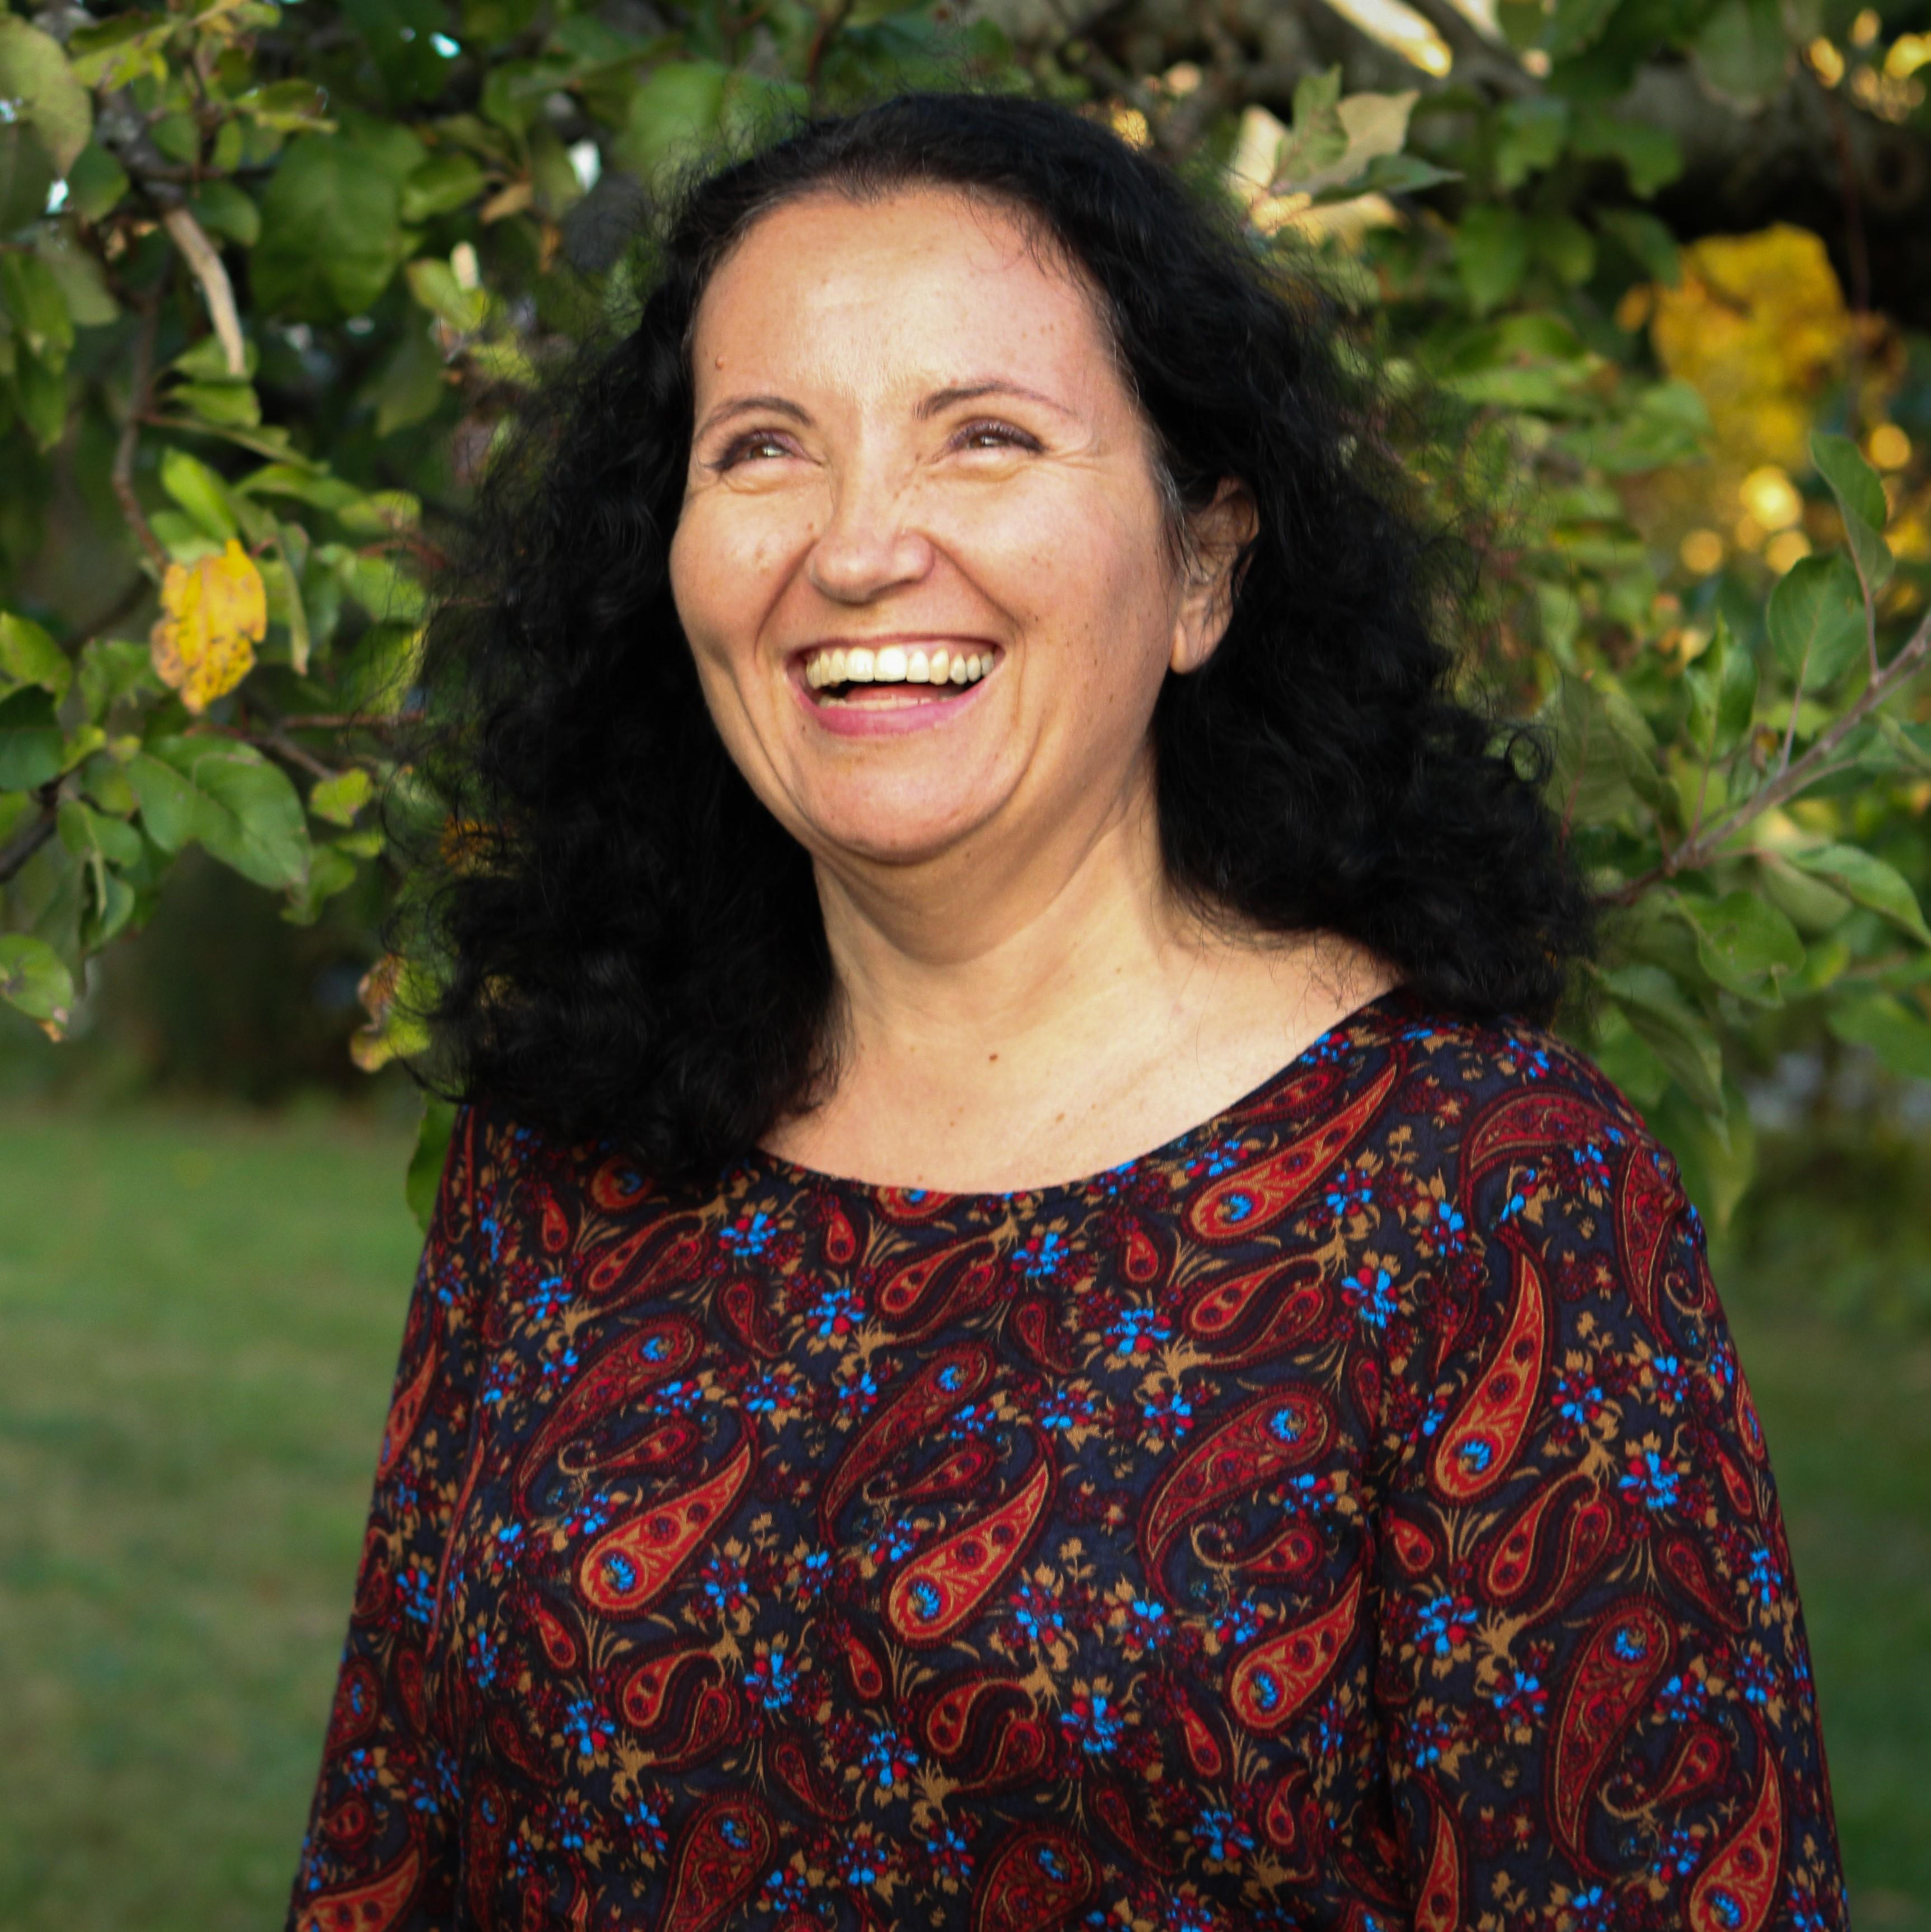 Nathalie Goumaz